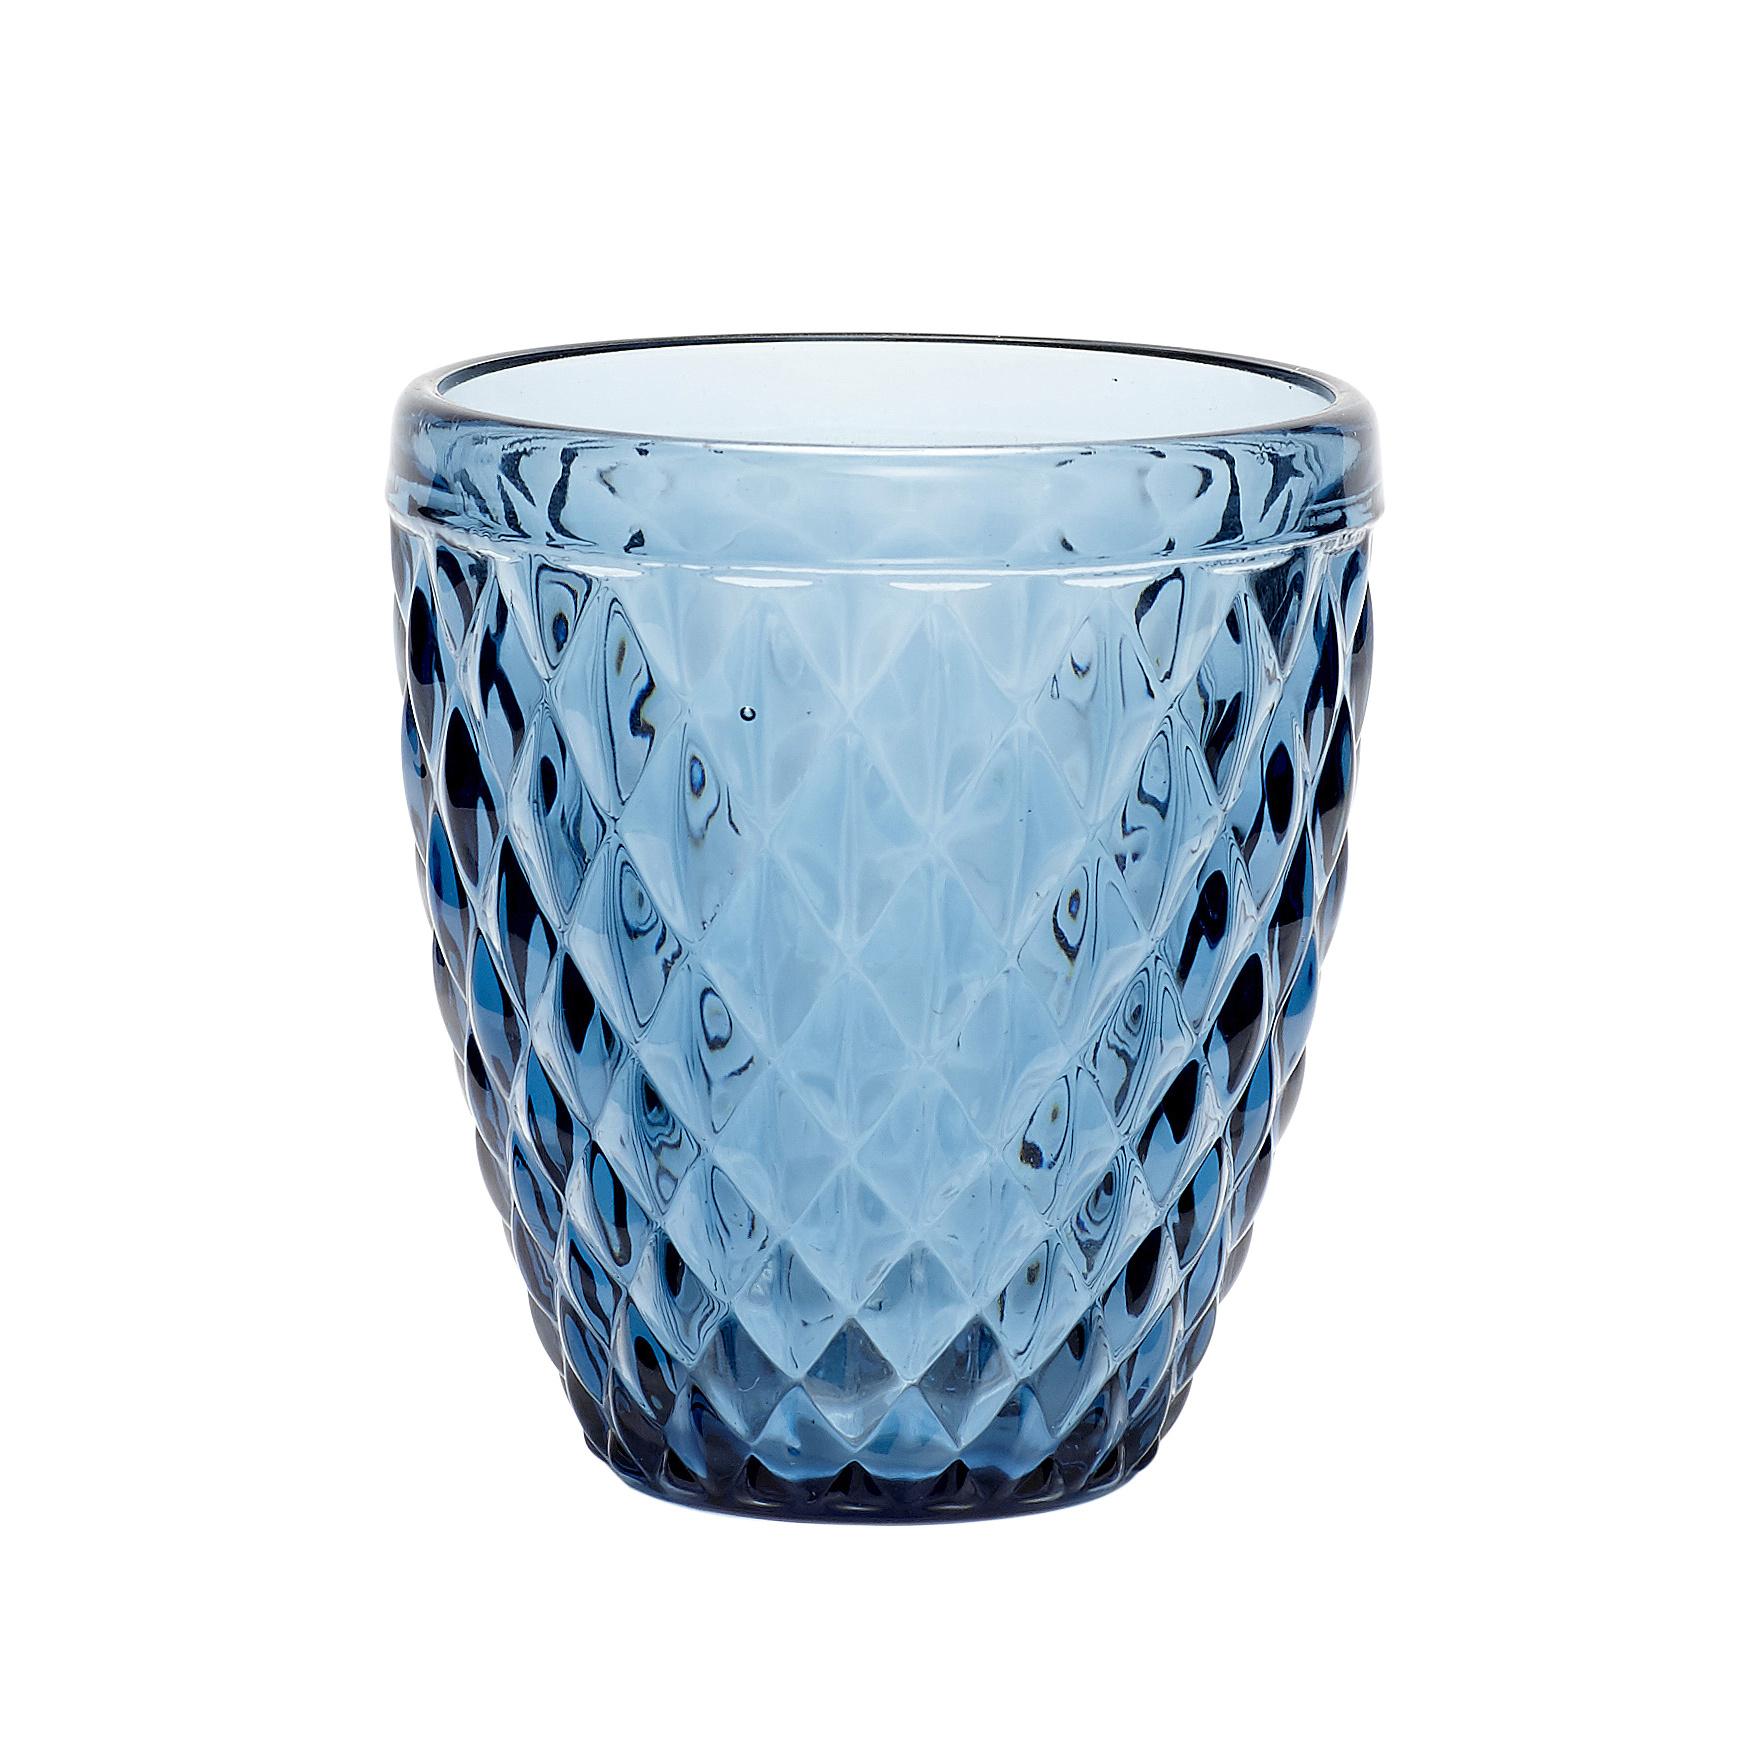 Hubsch Theelichtglas met patroon, blauw